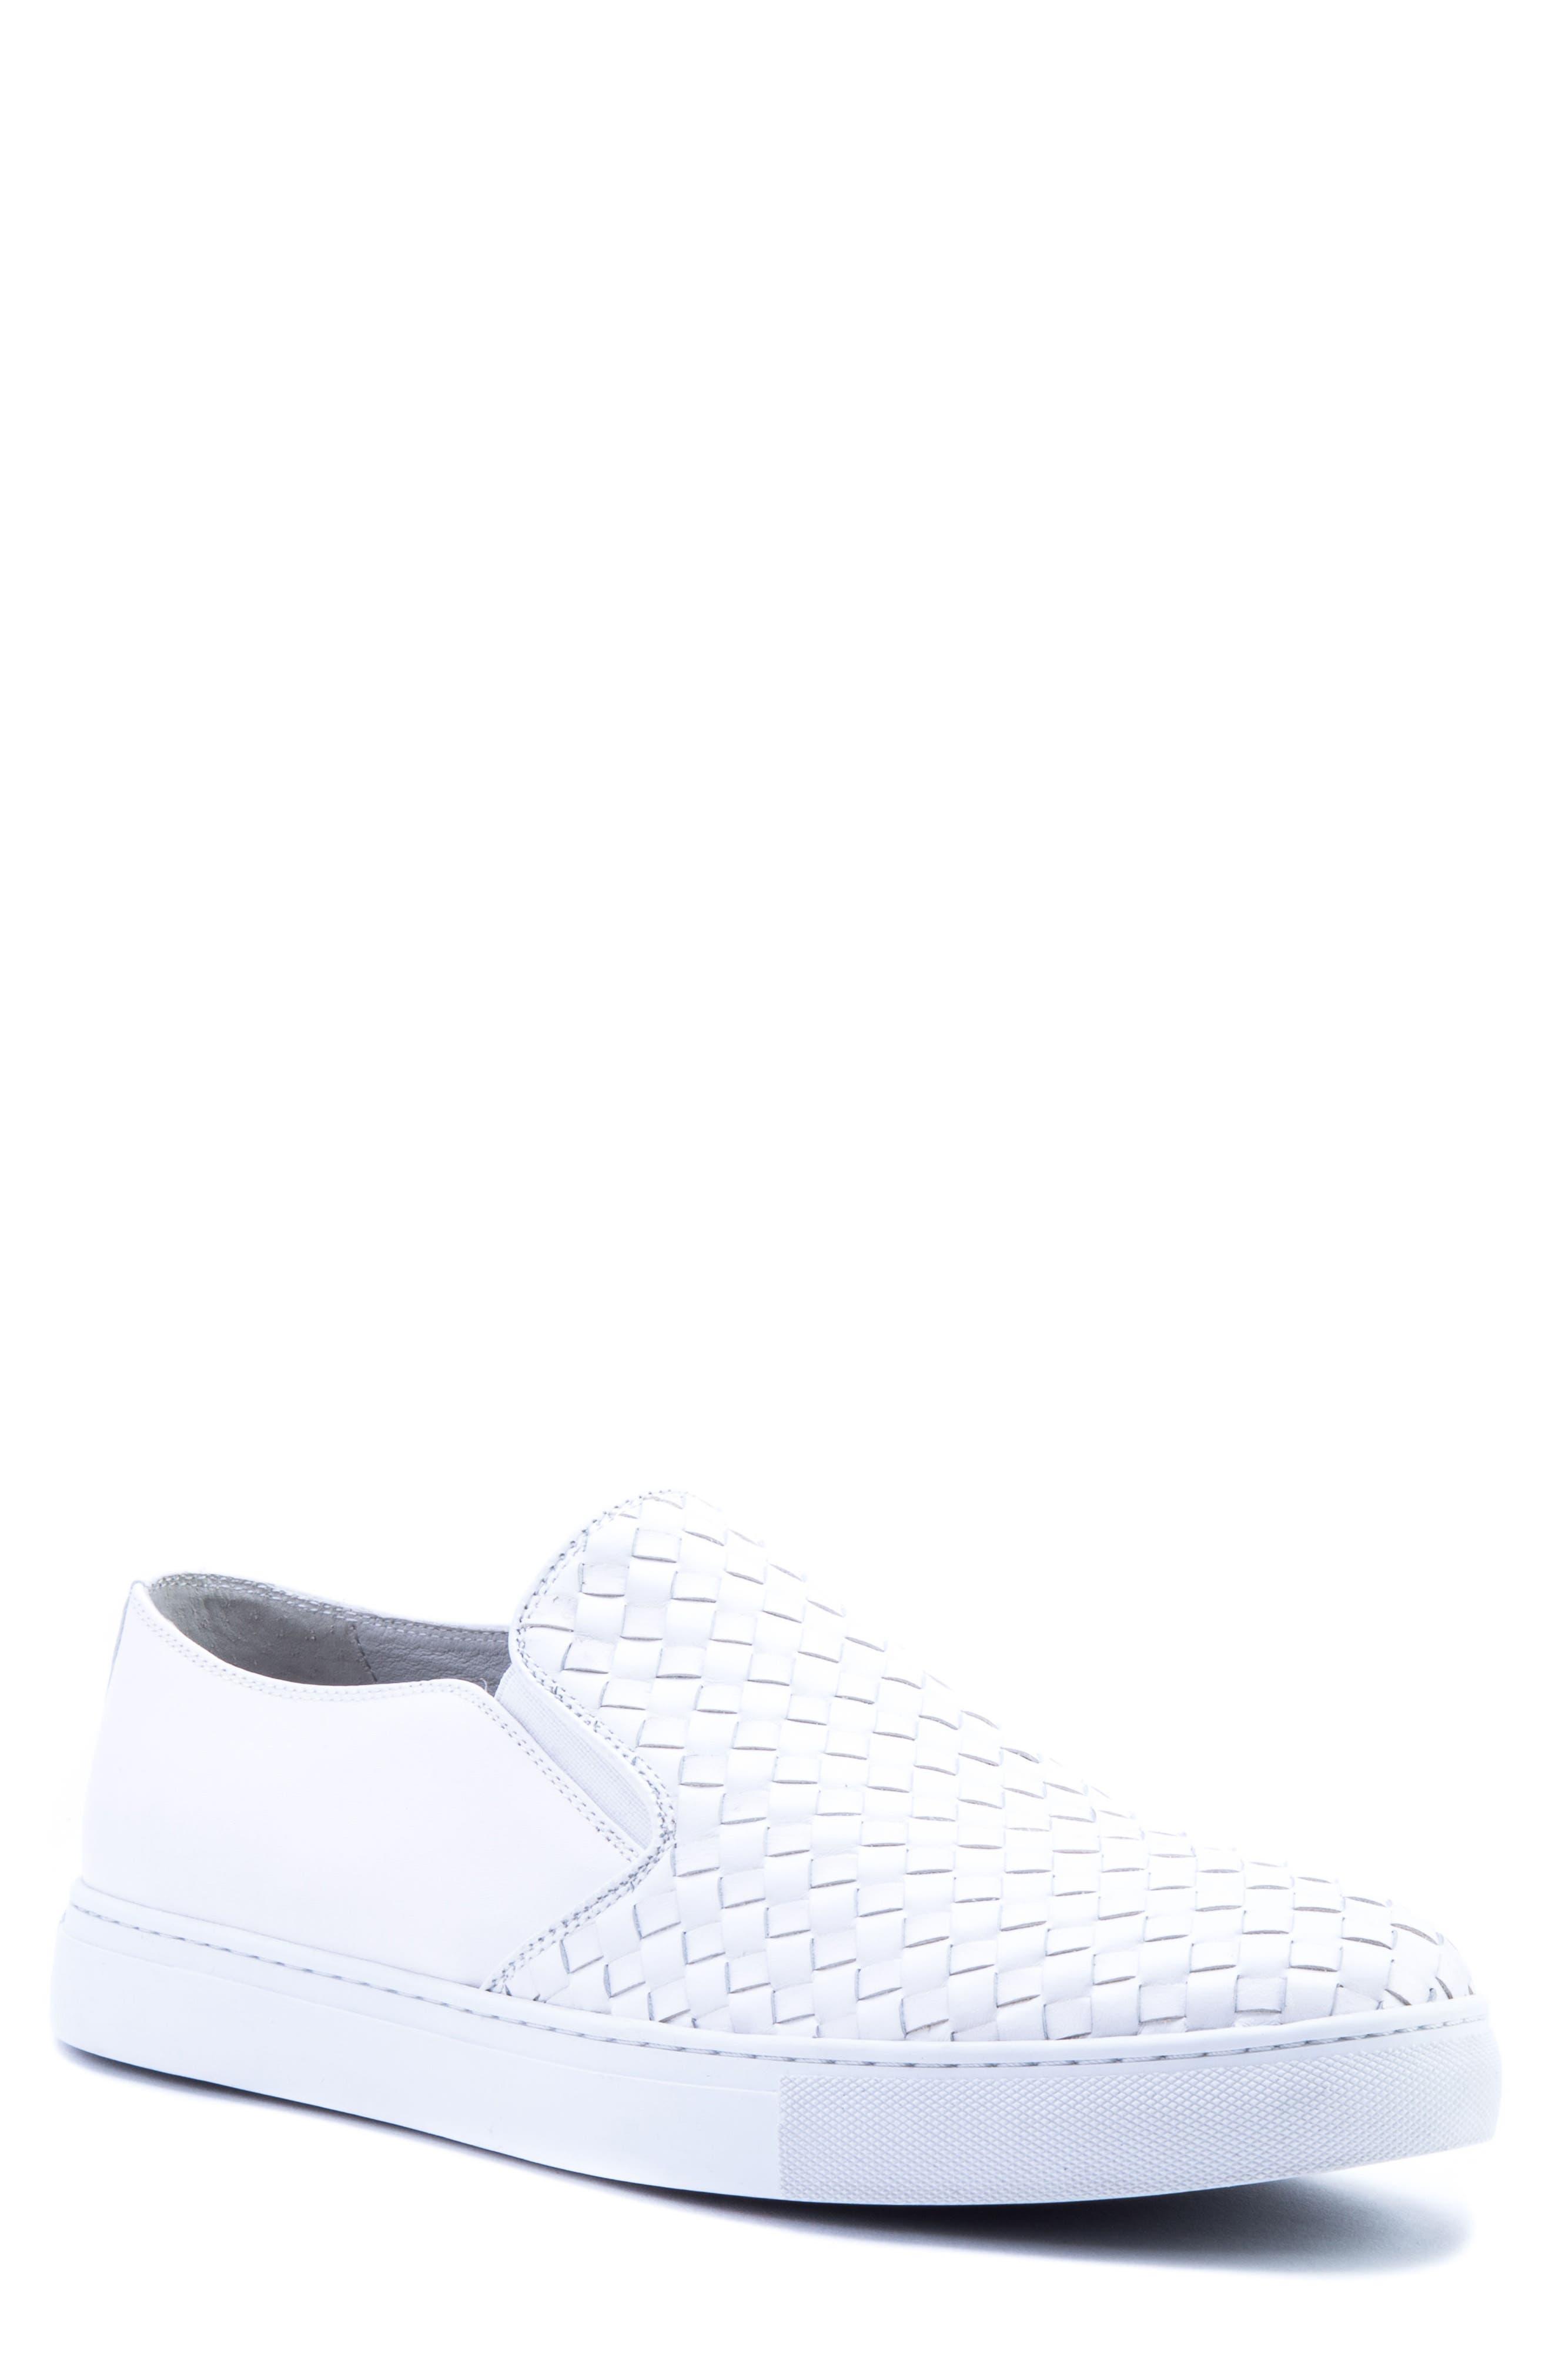 Zanzara Echo Ii Woven Slip-On Sneaker, White